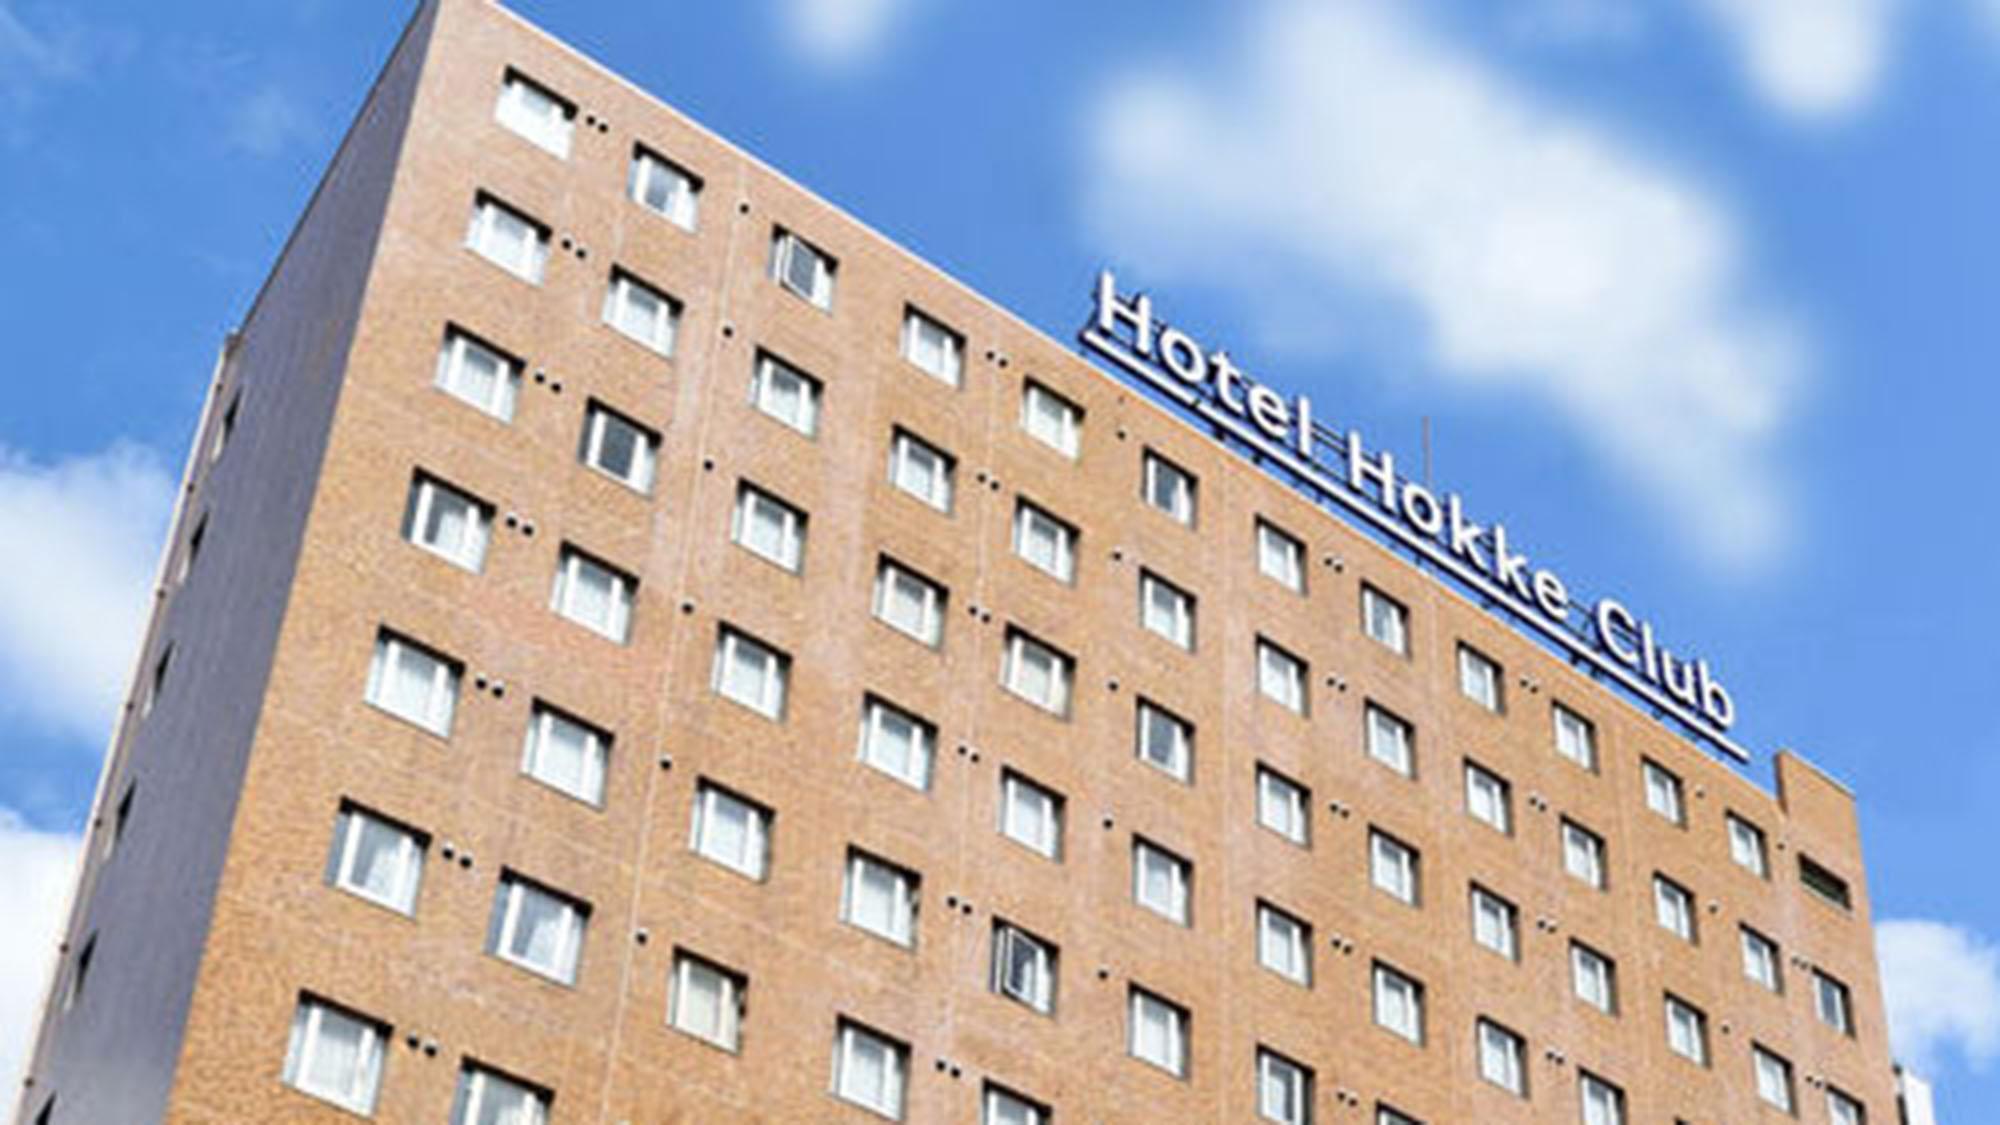 長岡花火大会を楽しむに便利なホテルは?